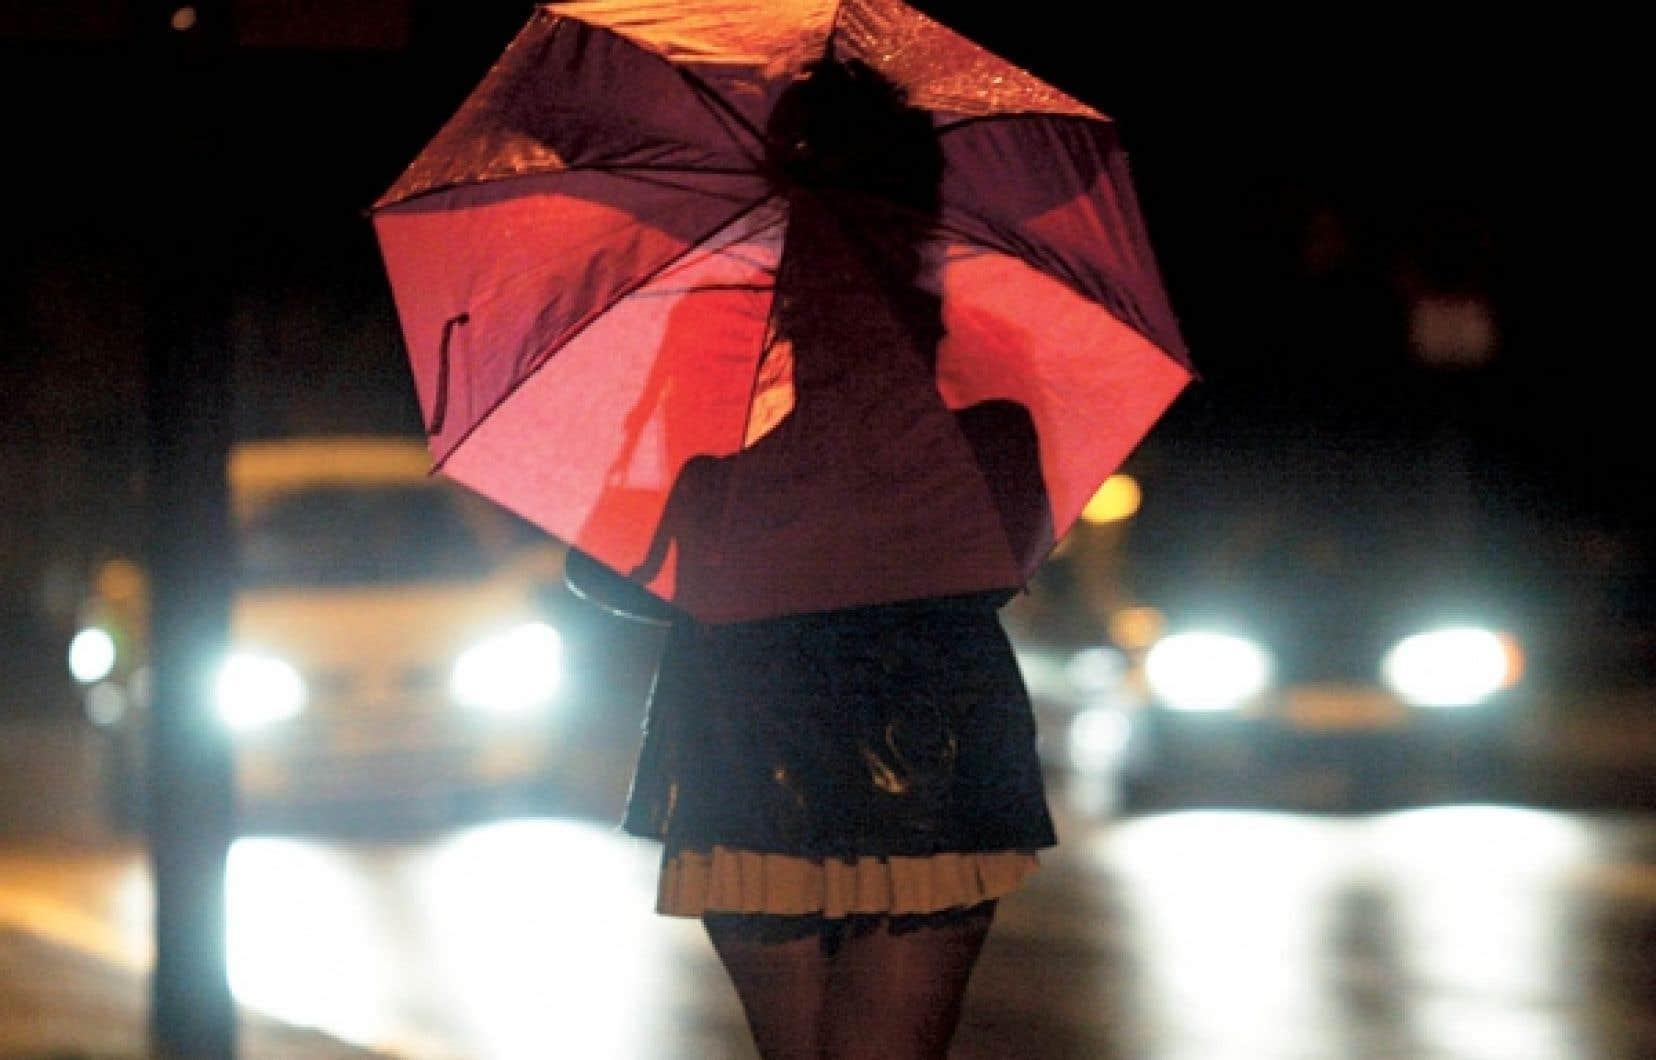 Une femme prostitu&eacute;e attend un client. 92% des personnes prostitu&eacute;es au Canada affirment qu&rsquo;elles sortiraient du syst&egrave;me prostitutionnel si elles en avaient la possibilit&eacute;. Pourquoi alors ne pas criminaliser ceux qui profitent de cet &eacute;tat de faits, clients-prostitueurs et prox&eacute;n&egrave;tes, d&eacute;criminaliser les personnes prostitu&eacute;es et mettre en place des programmes de r&eacute;insertion plut&ocirc;t que des bordels? <br />